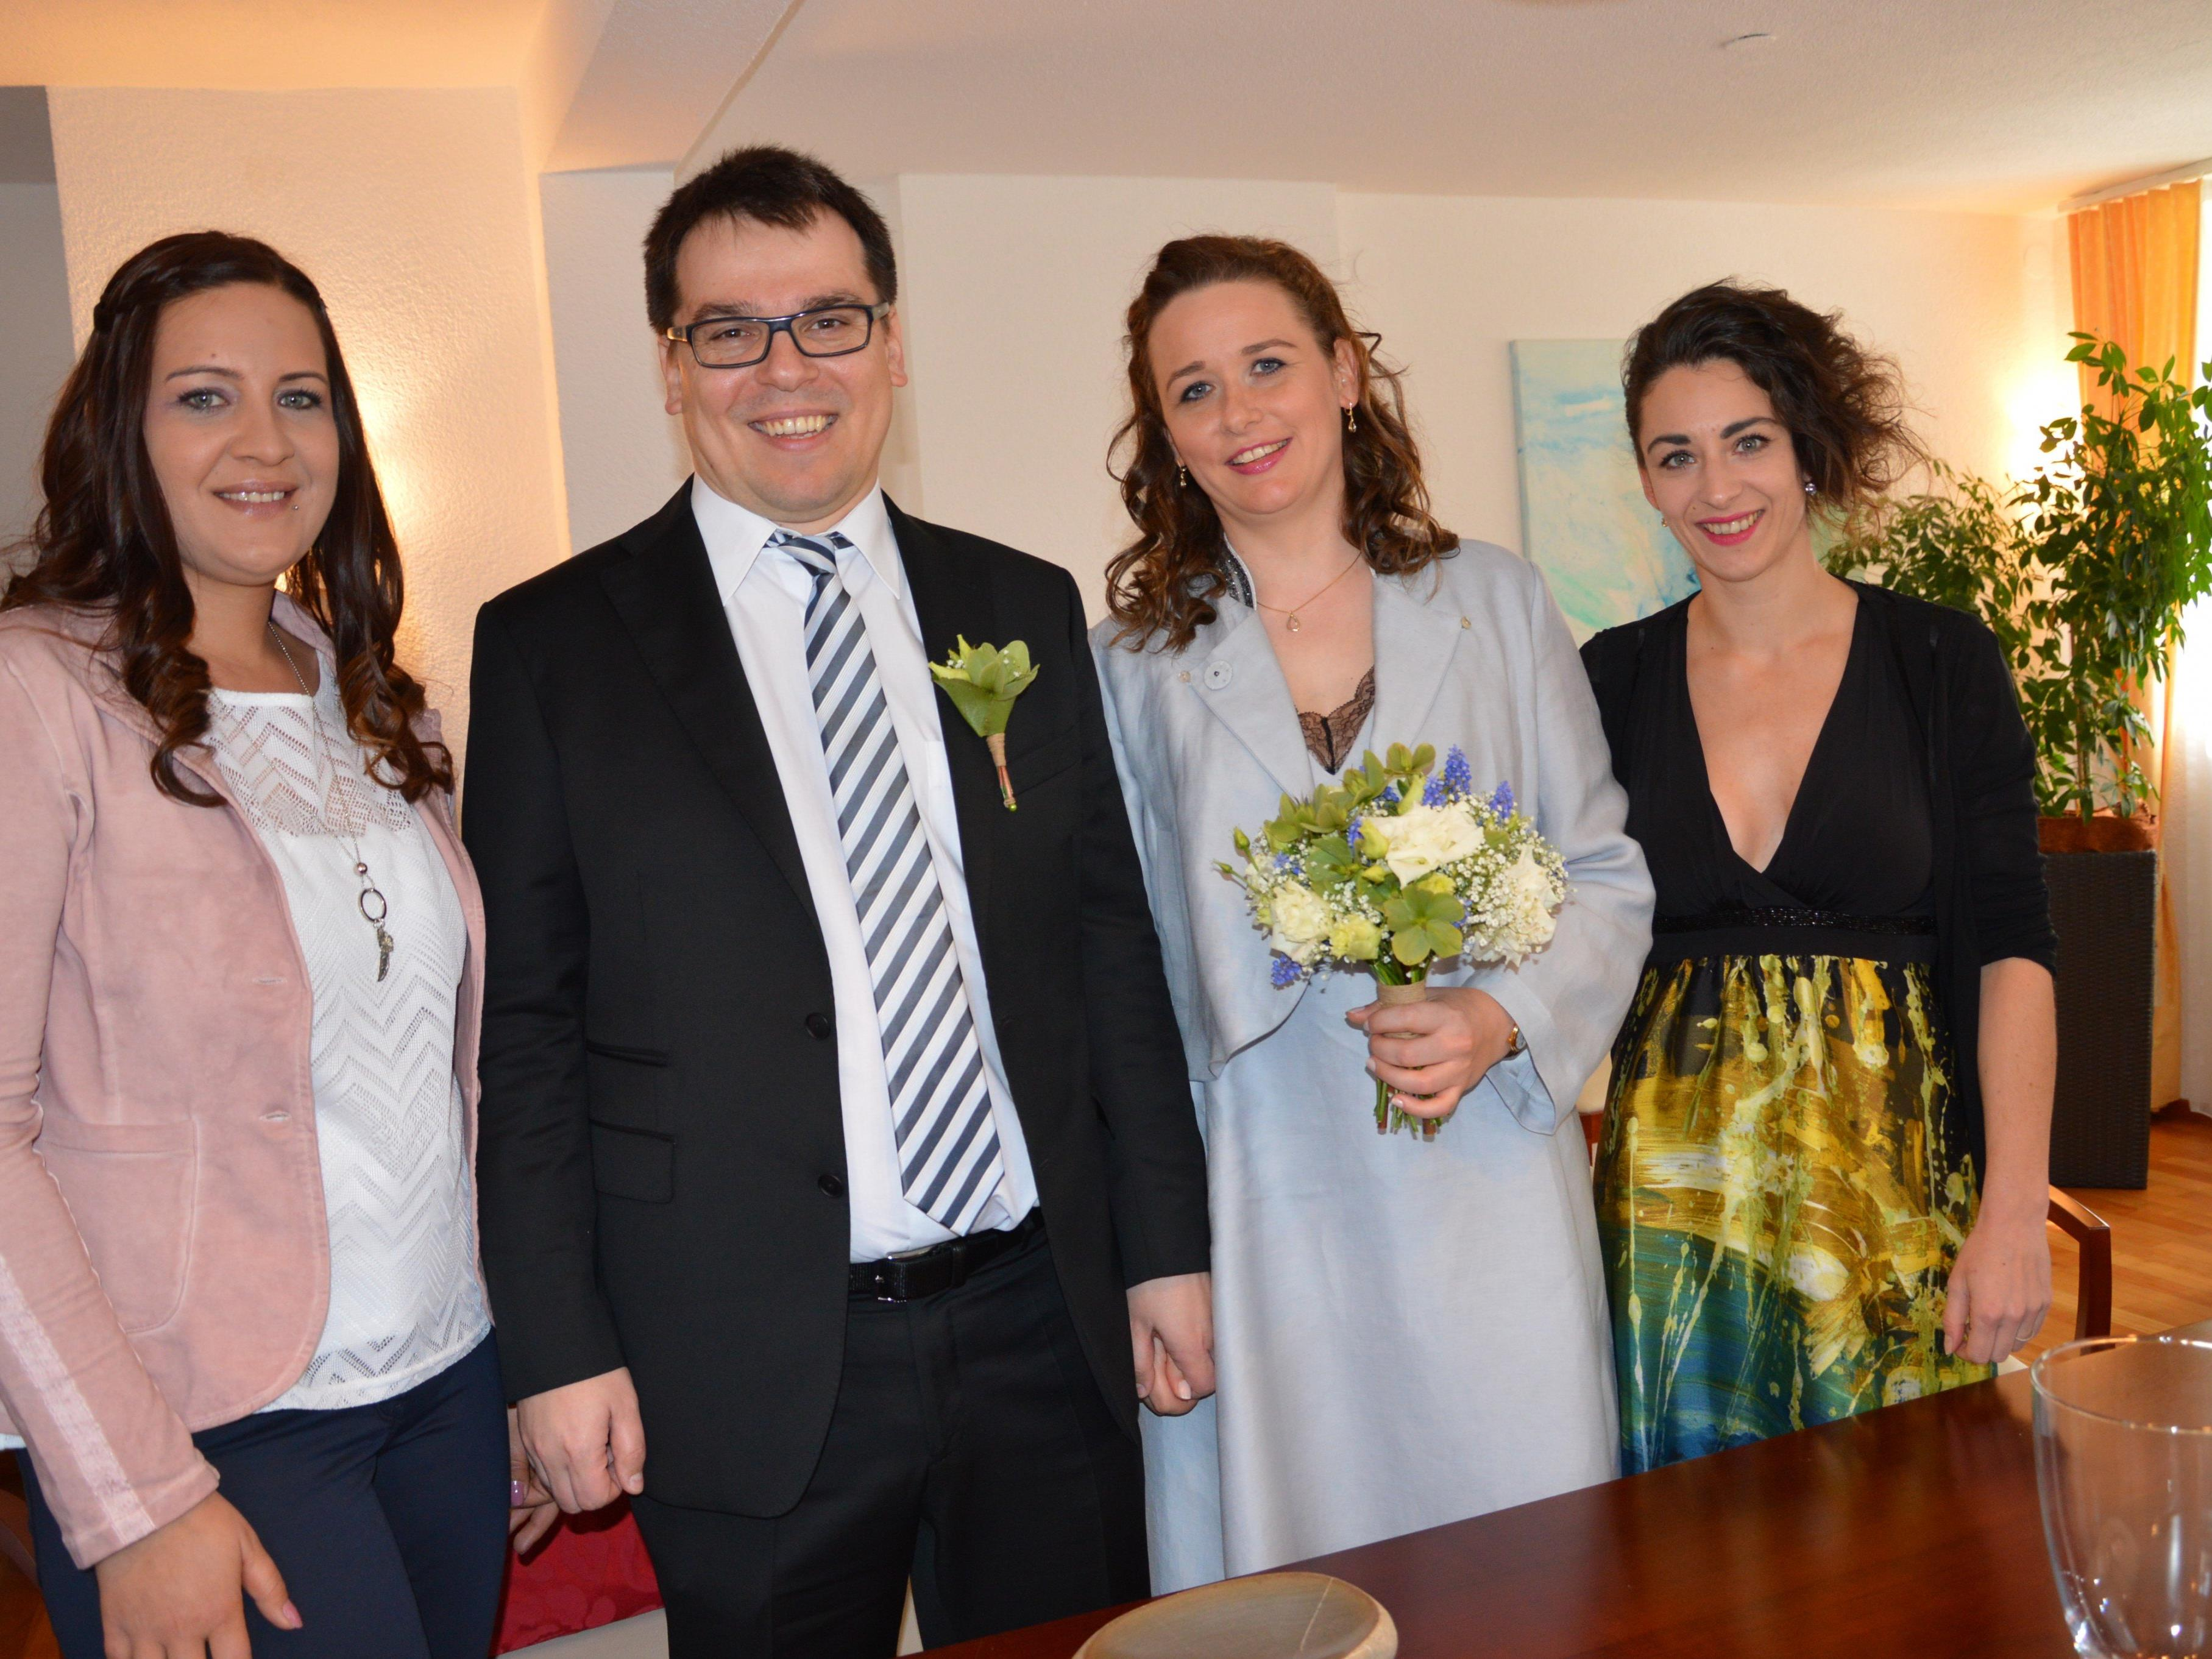 Mirjam Kainz und Sascha Böhler haben geheiratet